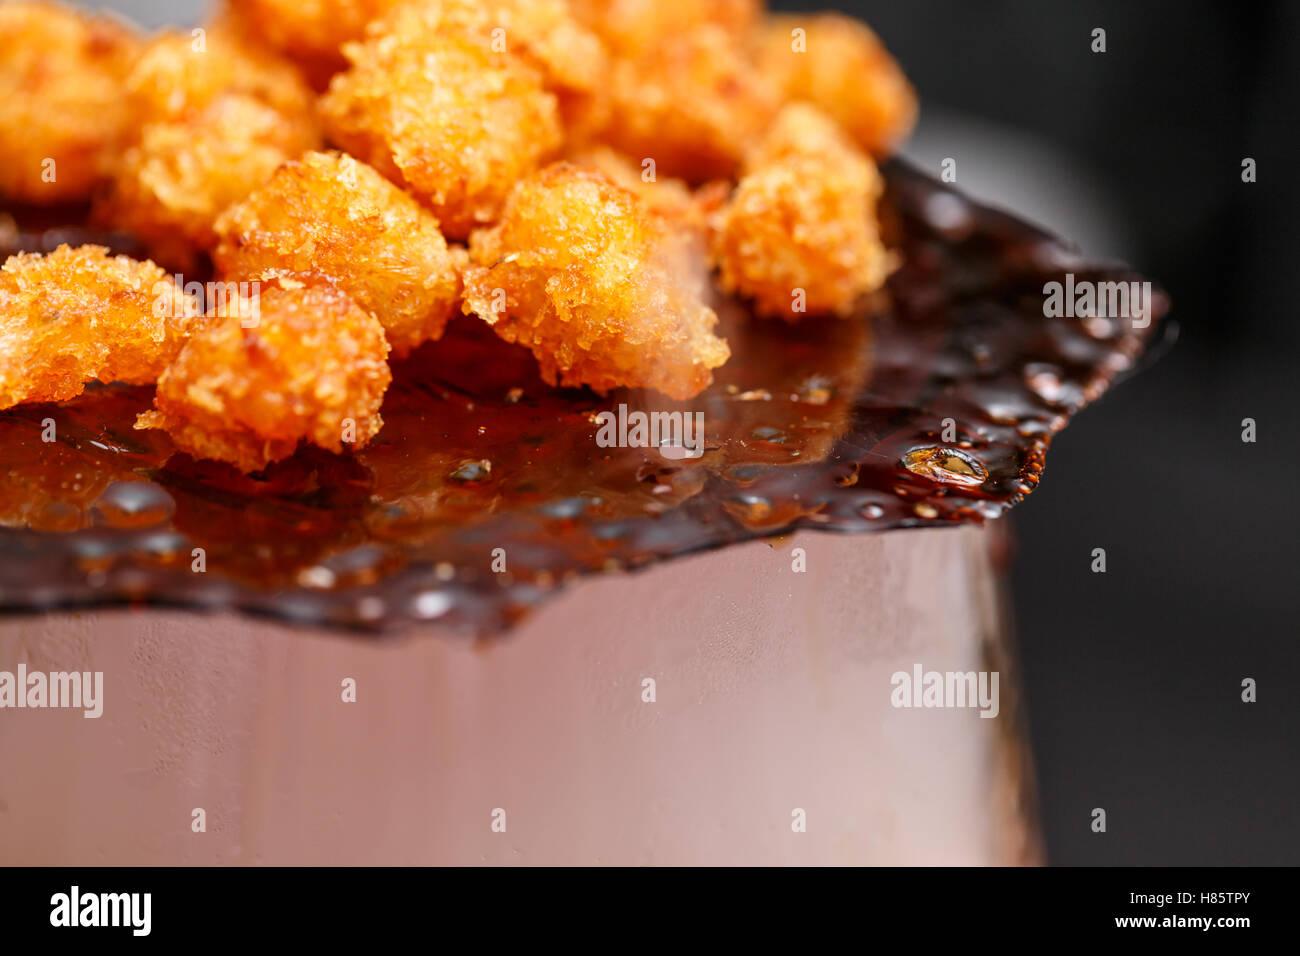 Nahaufnahme von Garnelen Popcorn, fine dining Dekoration Stockbild